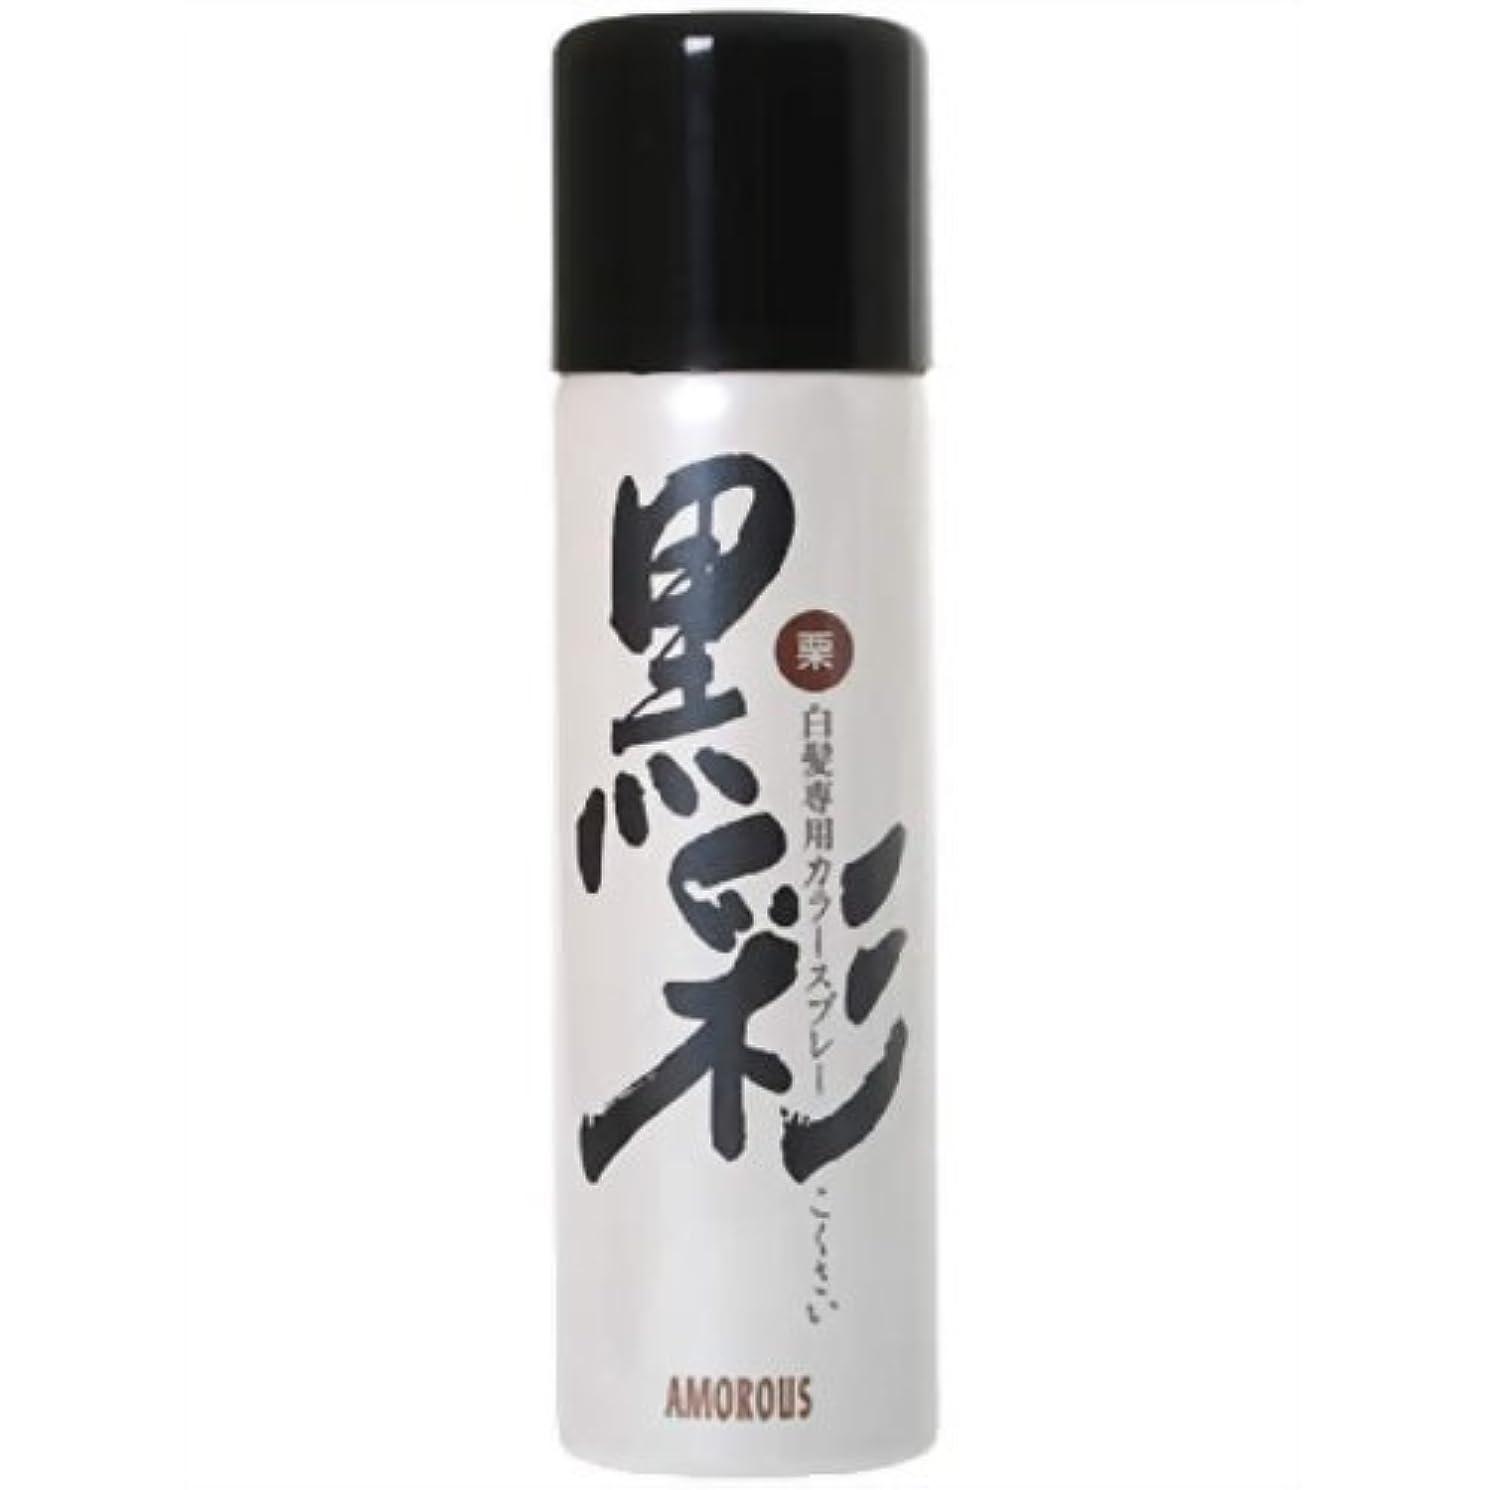 朝食を食べる水トリクル堀井薬品 黒彩 ダーリングカラースプレー 76-A